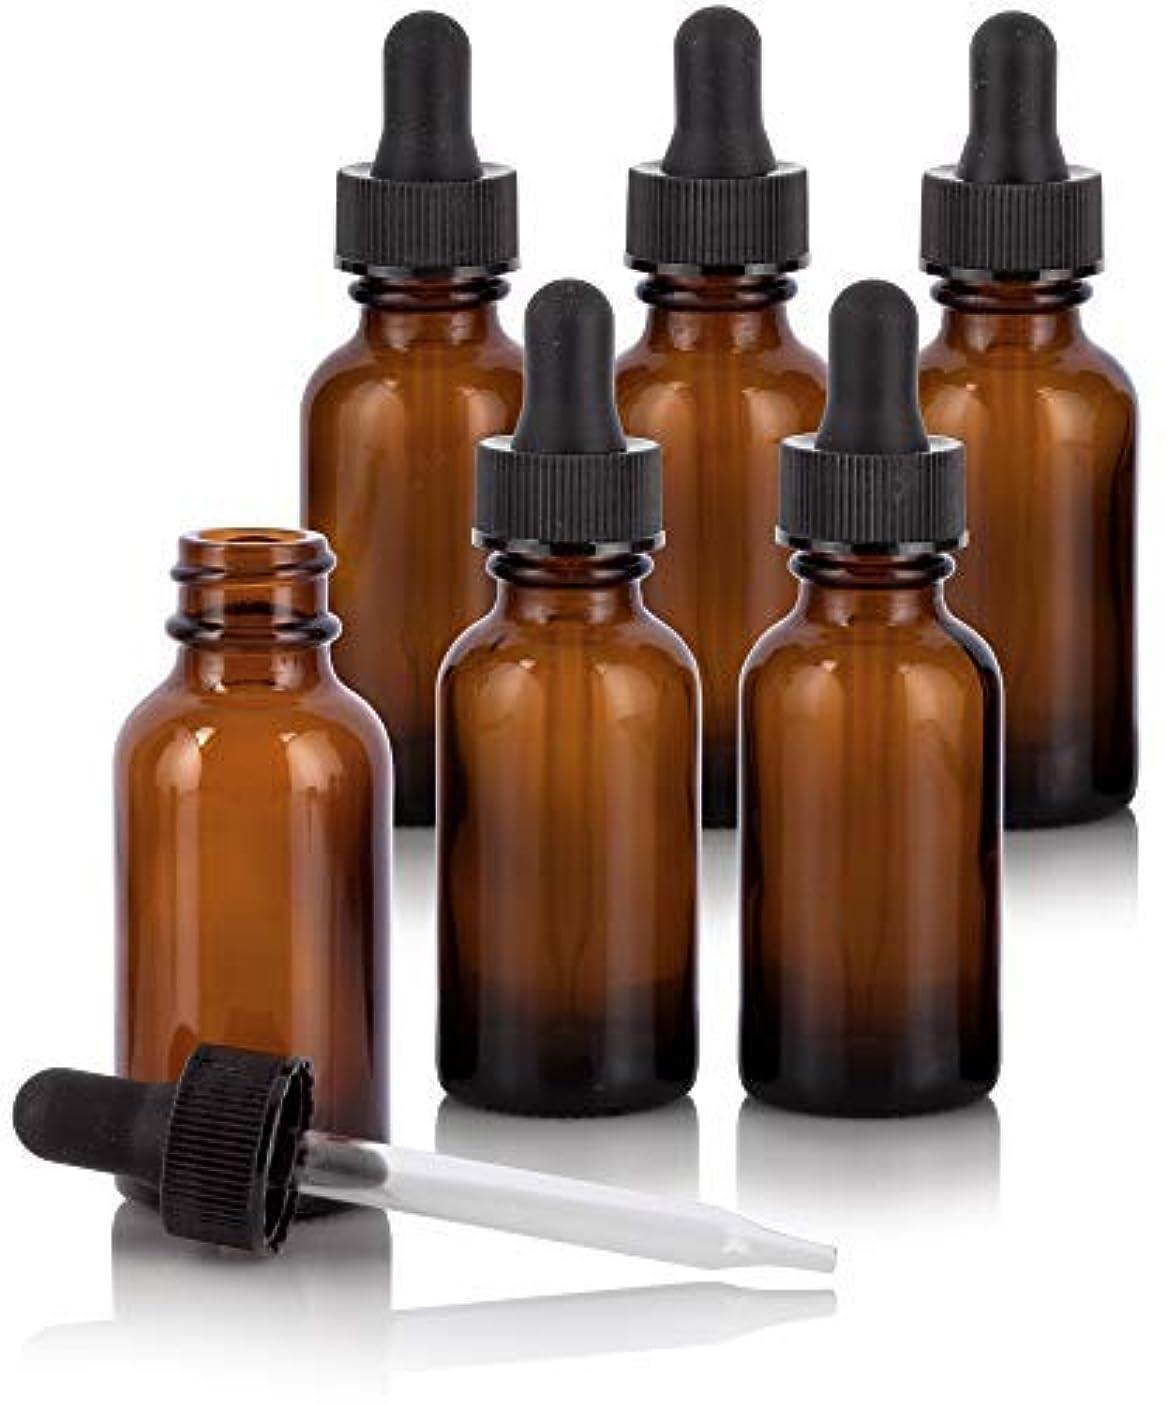 模倣建設ぼろ1 oz Amber Glass Boston Round Dropper Bottle (6 Pack) + Funnel and Labels for Essential Oils, Aromatherapy, e-Liquid...